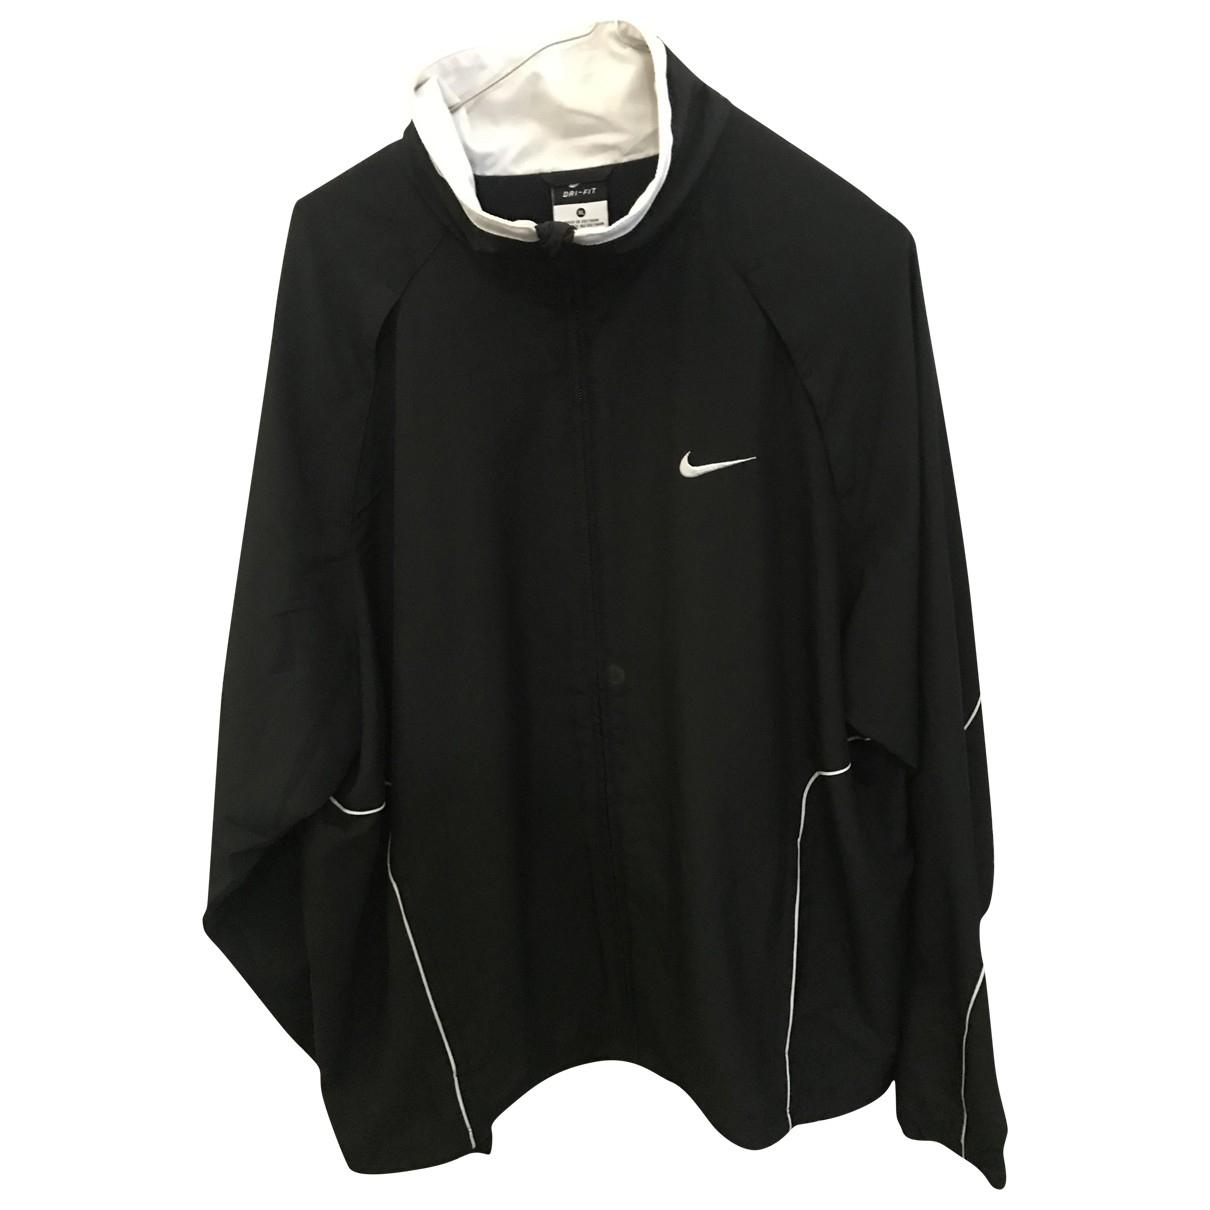 Nike \N Jacke in  Schwarz Synthetik